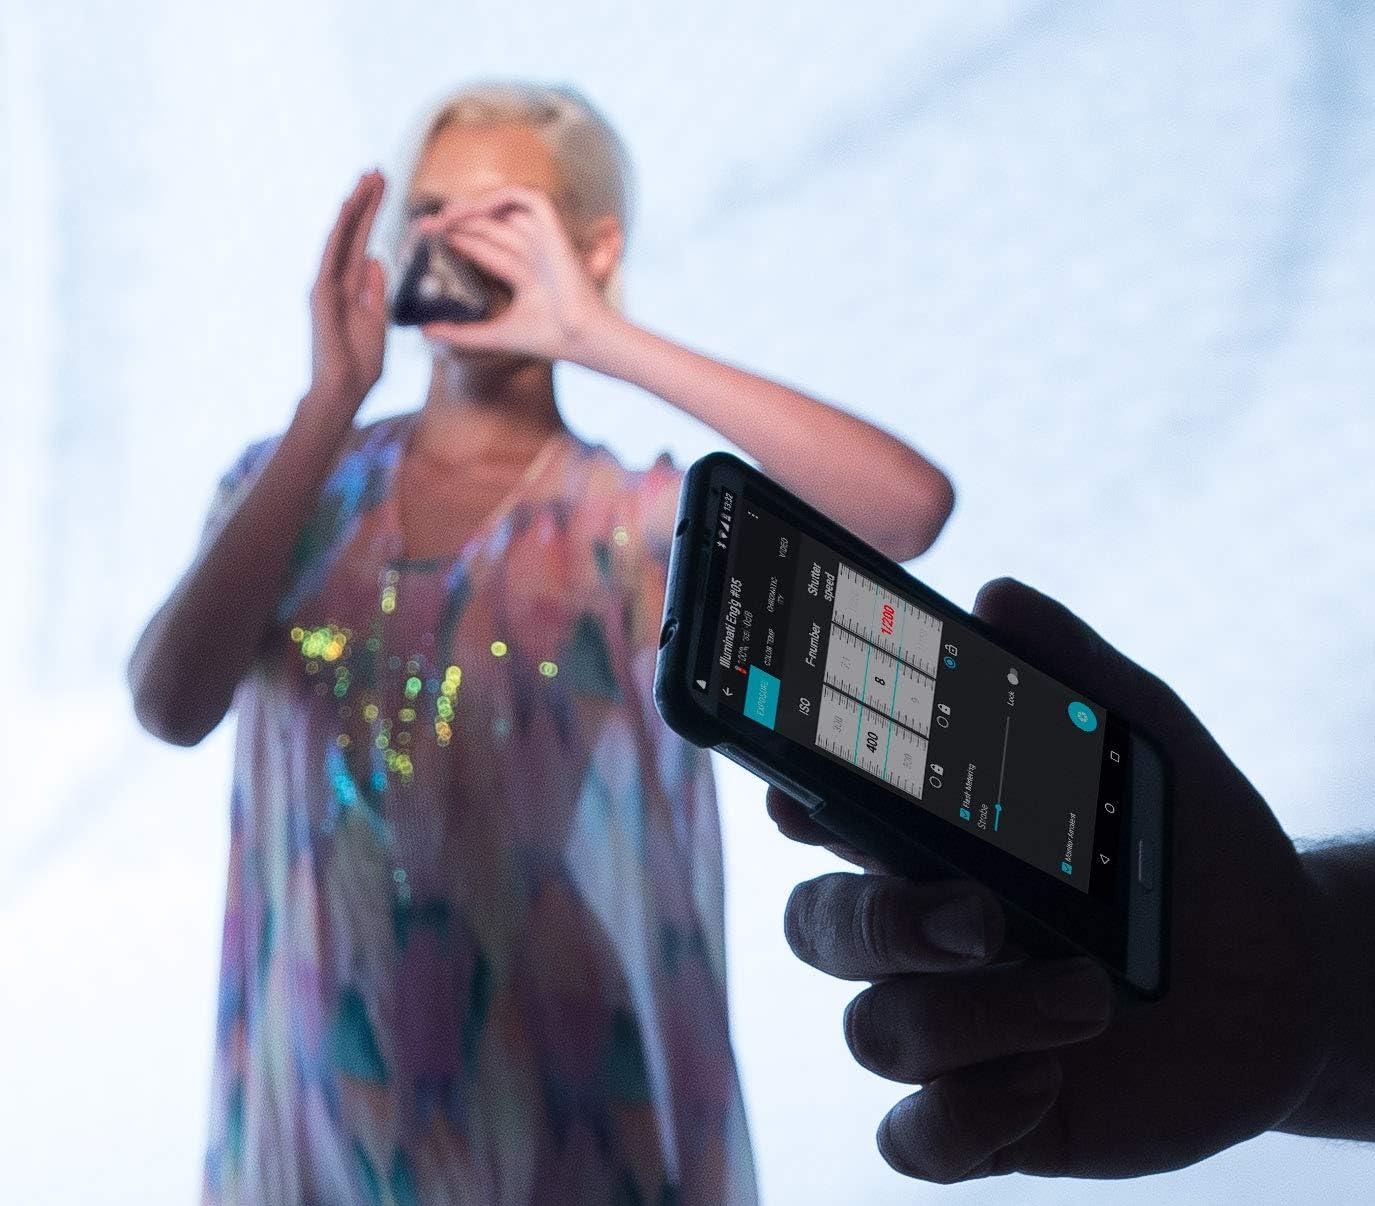 IM150 Illuminati Wireless Bluetooth Light Meter and Color Temperature Meter